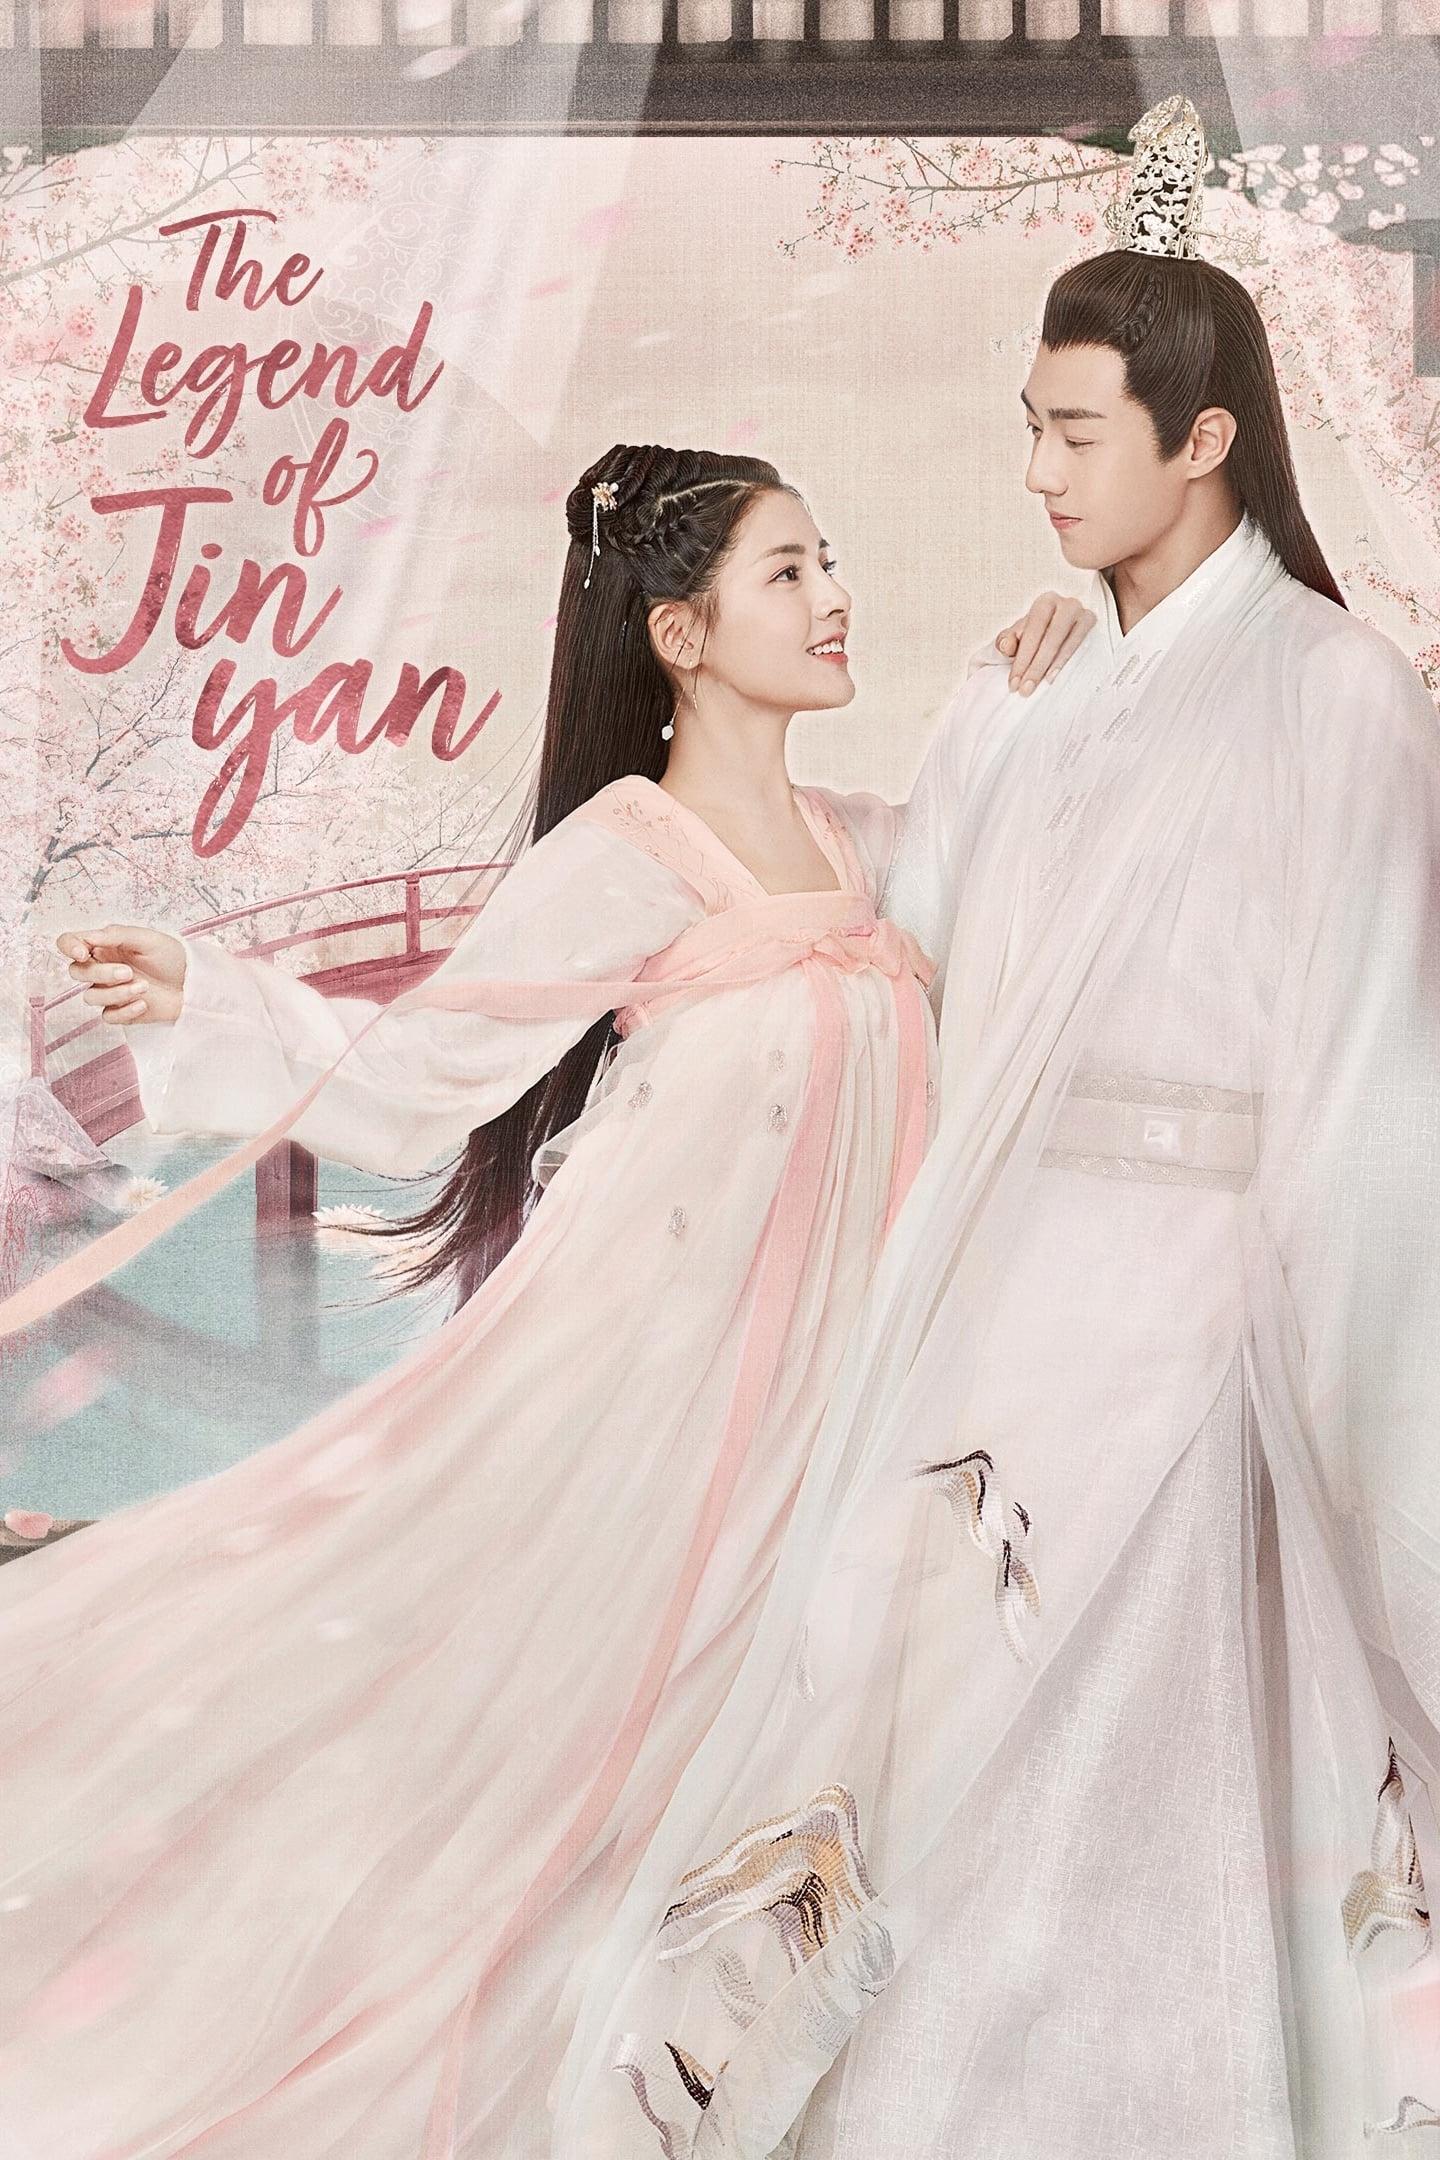 Phim Phượng Quy Tứ Thời Ca: Cẩm Ngôn Truyện - The Legend of Jin Yan